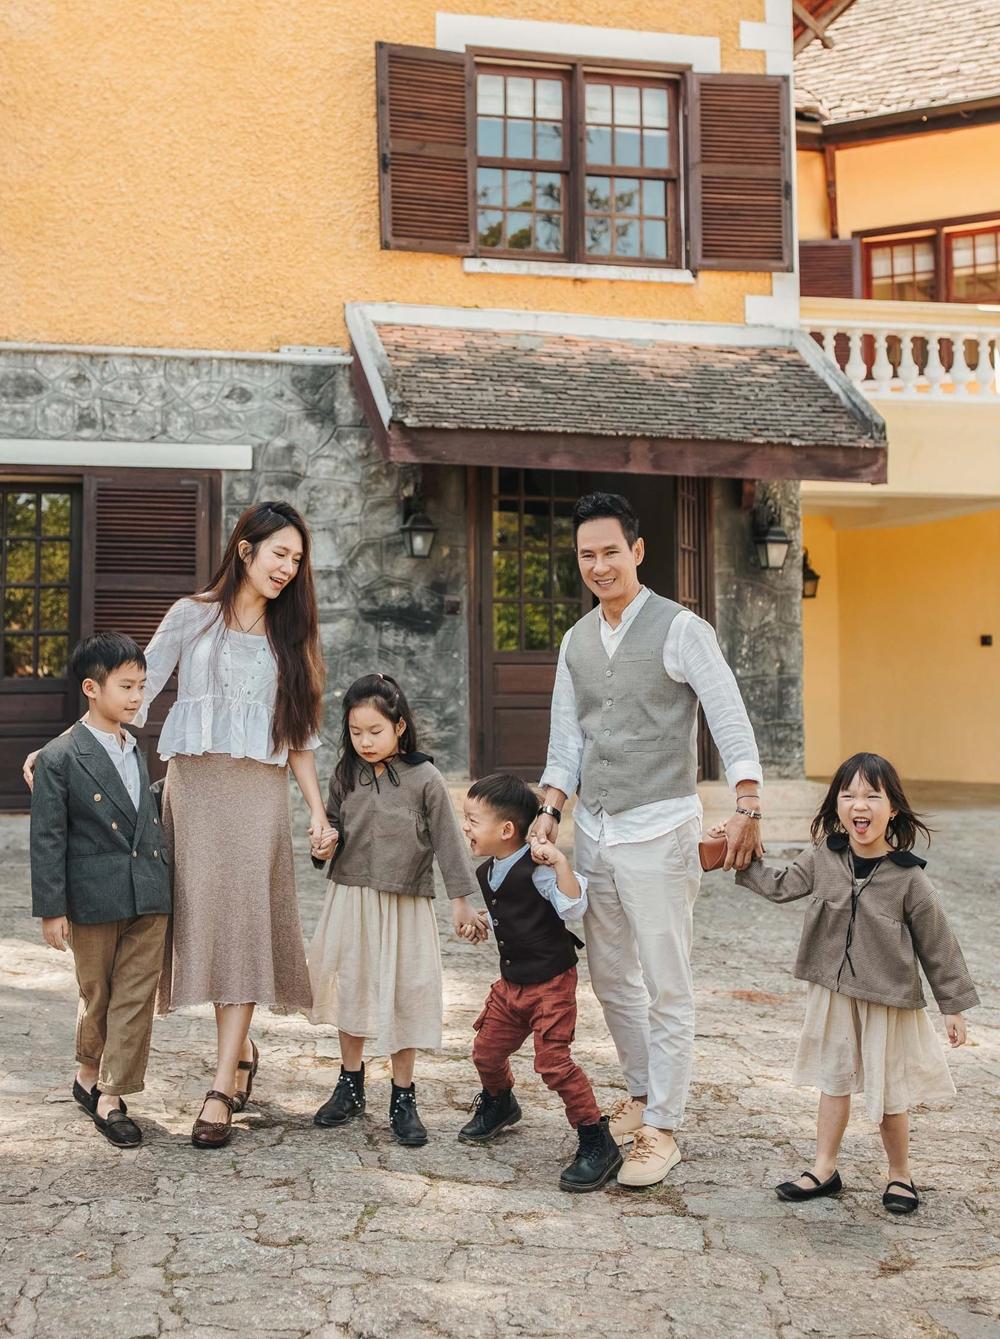 Cũng dịp này, gia đình Lý Hải - Minh Hà dành thời gian nghỉ dưỡng, chụp ảnh kỷ niệm.